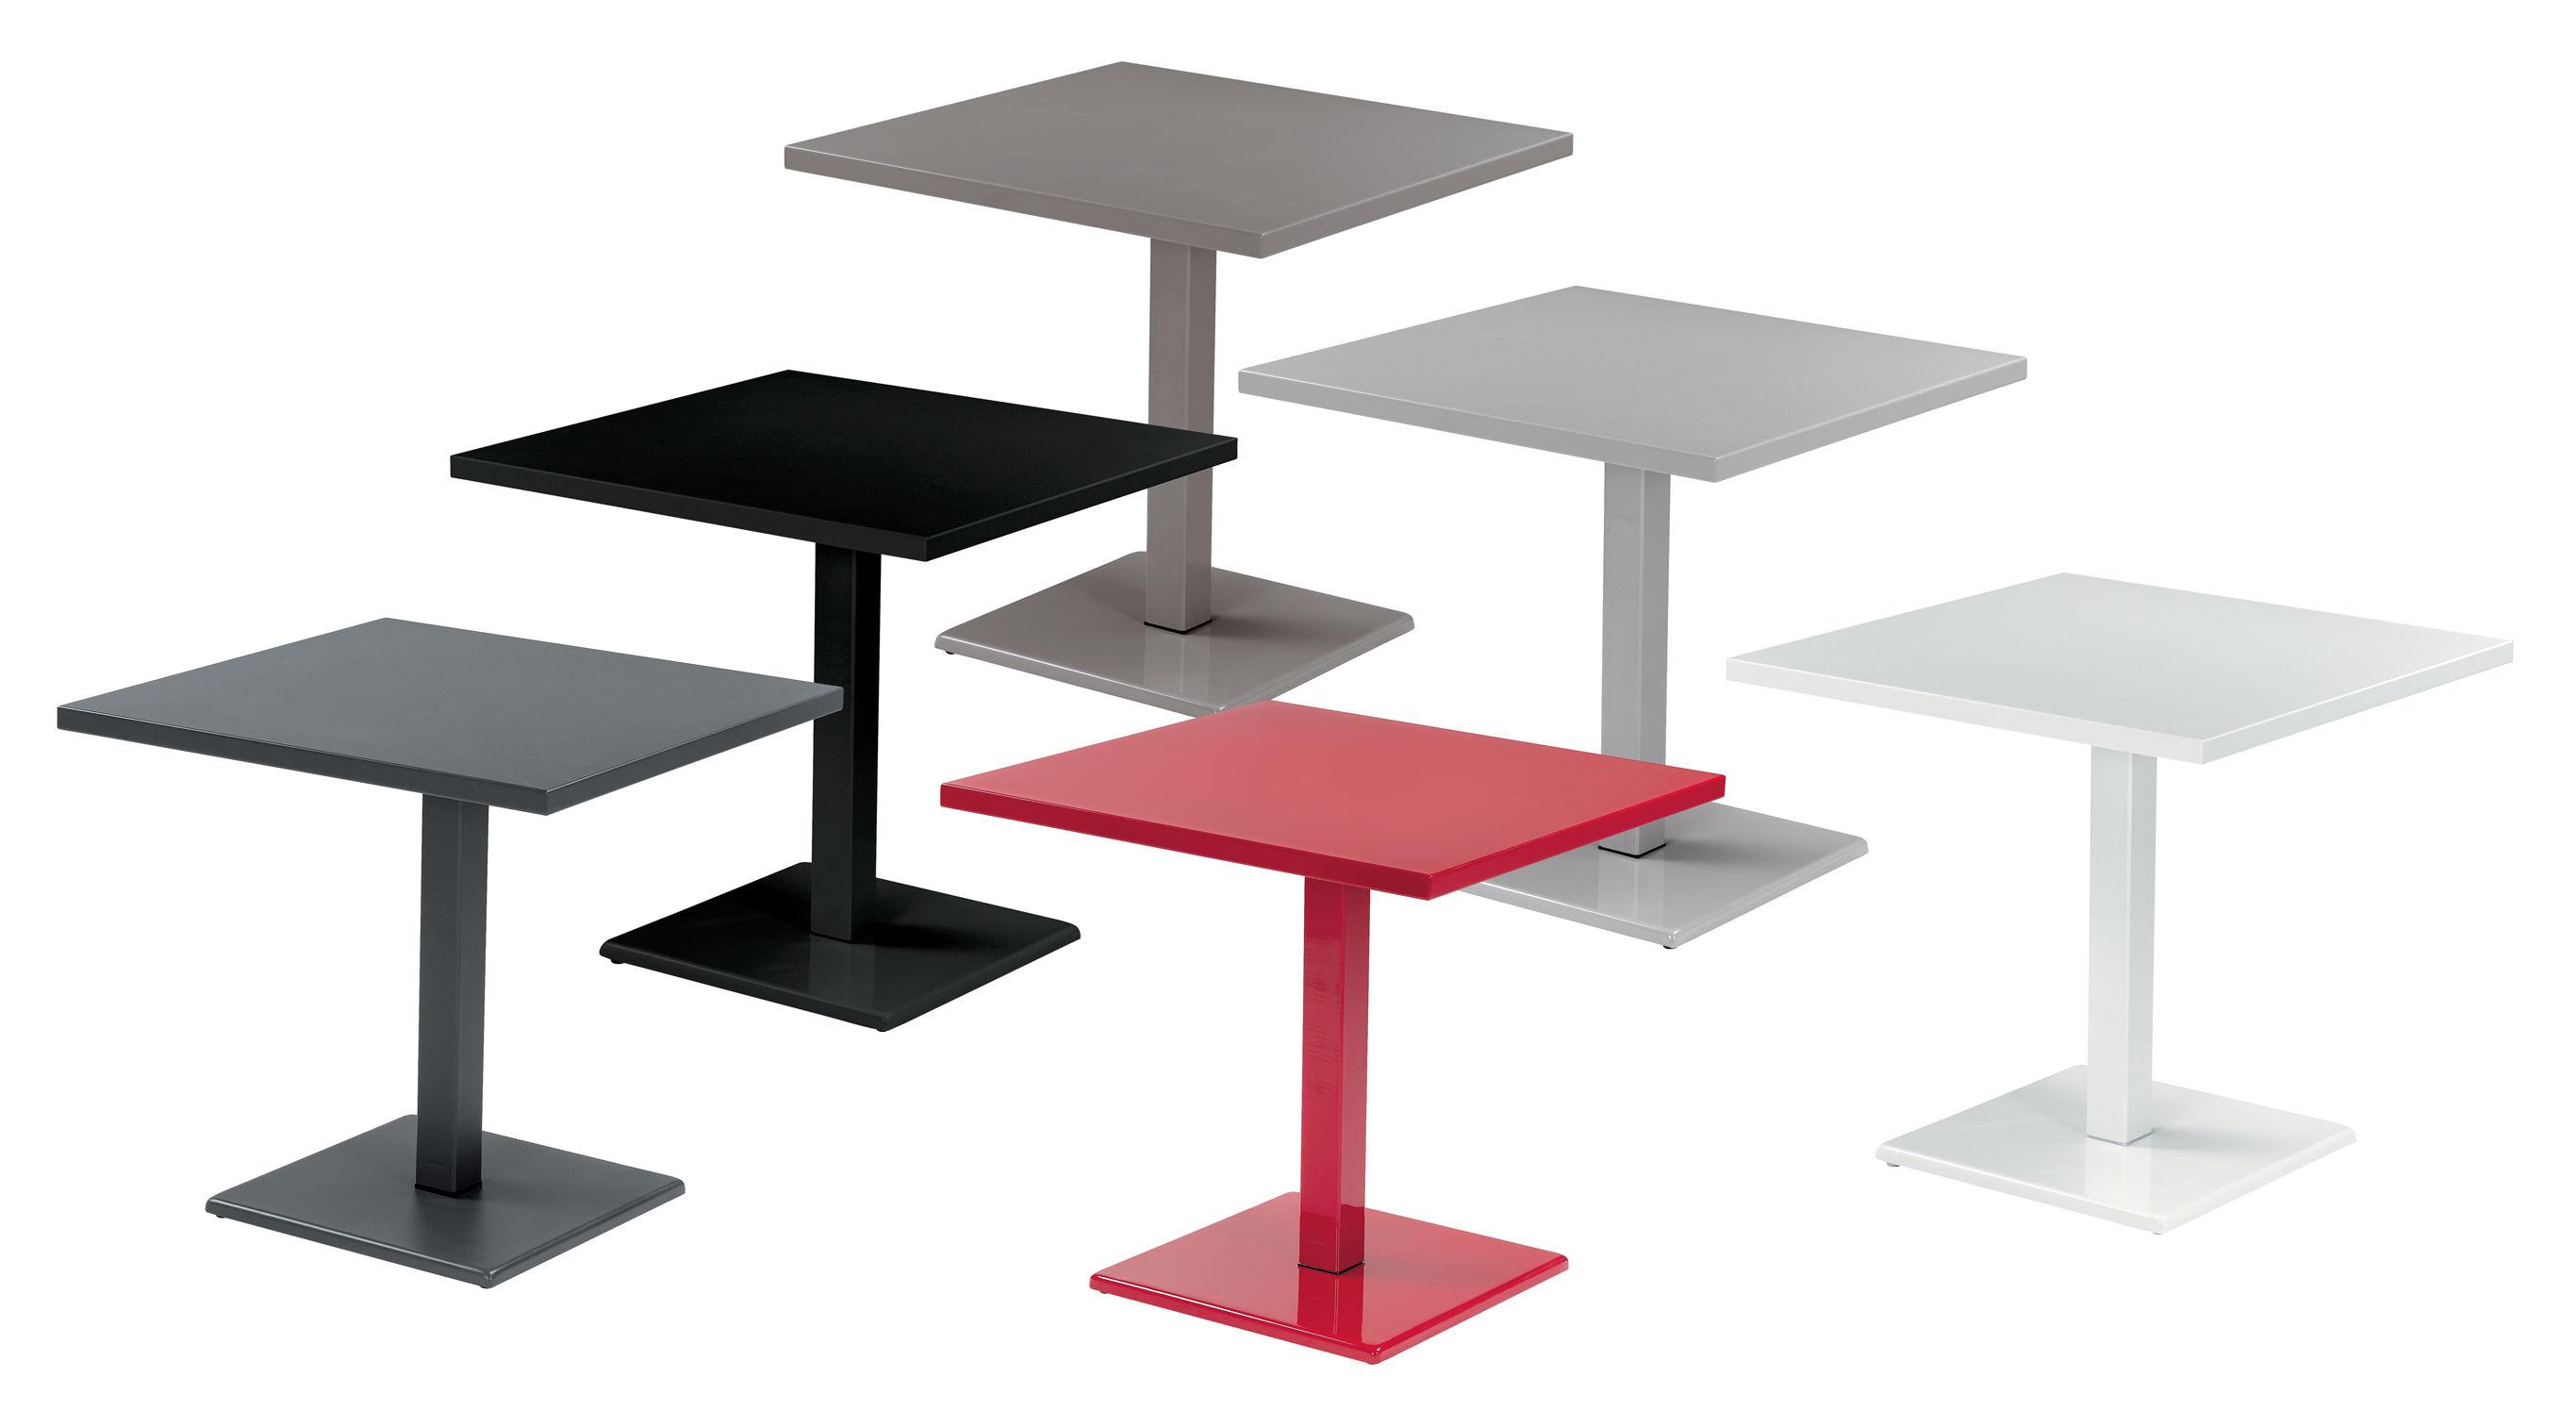 Scopri Tavolo Da Giardino Round 80 X 80 Cm Bianco Di Emu Made In Design Italia